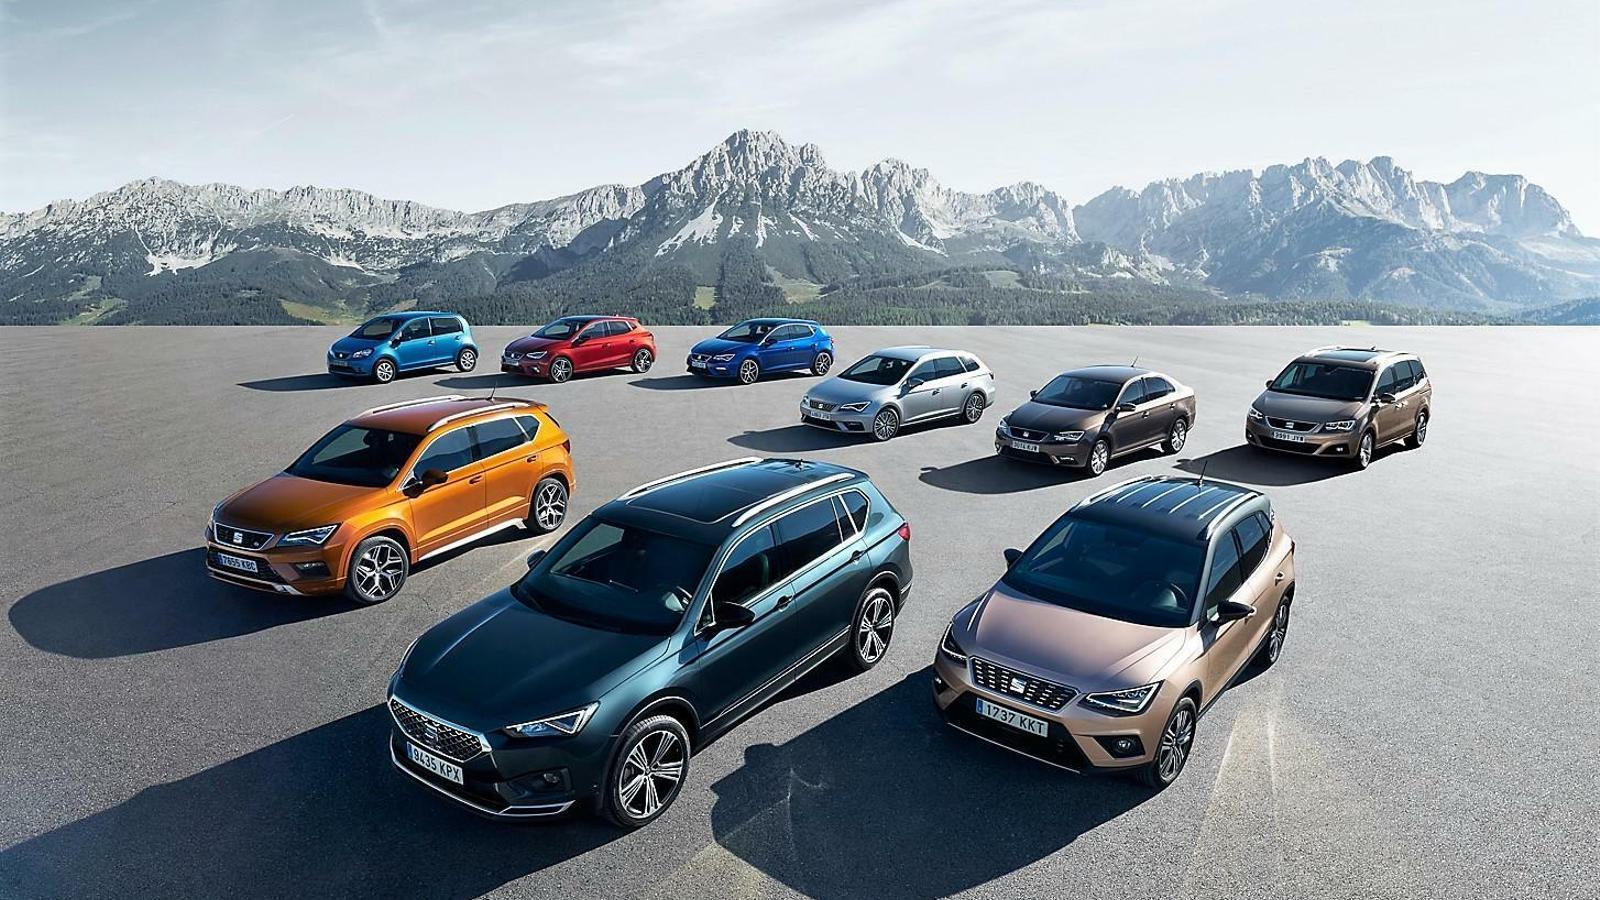 Per què tots els cotxes s'assemblen tant?